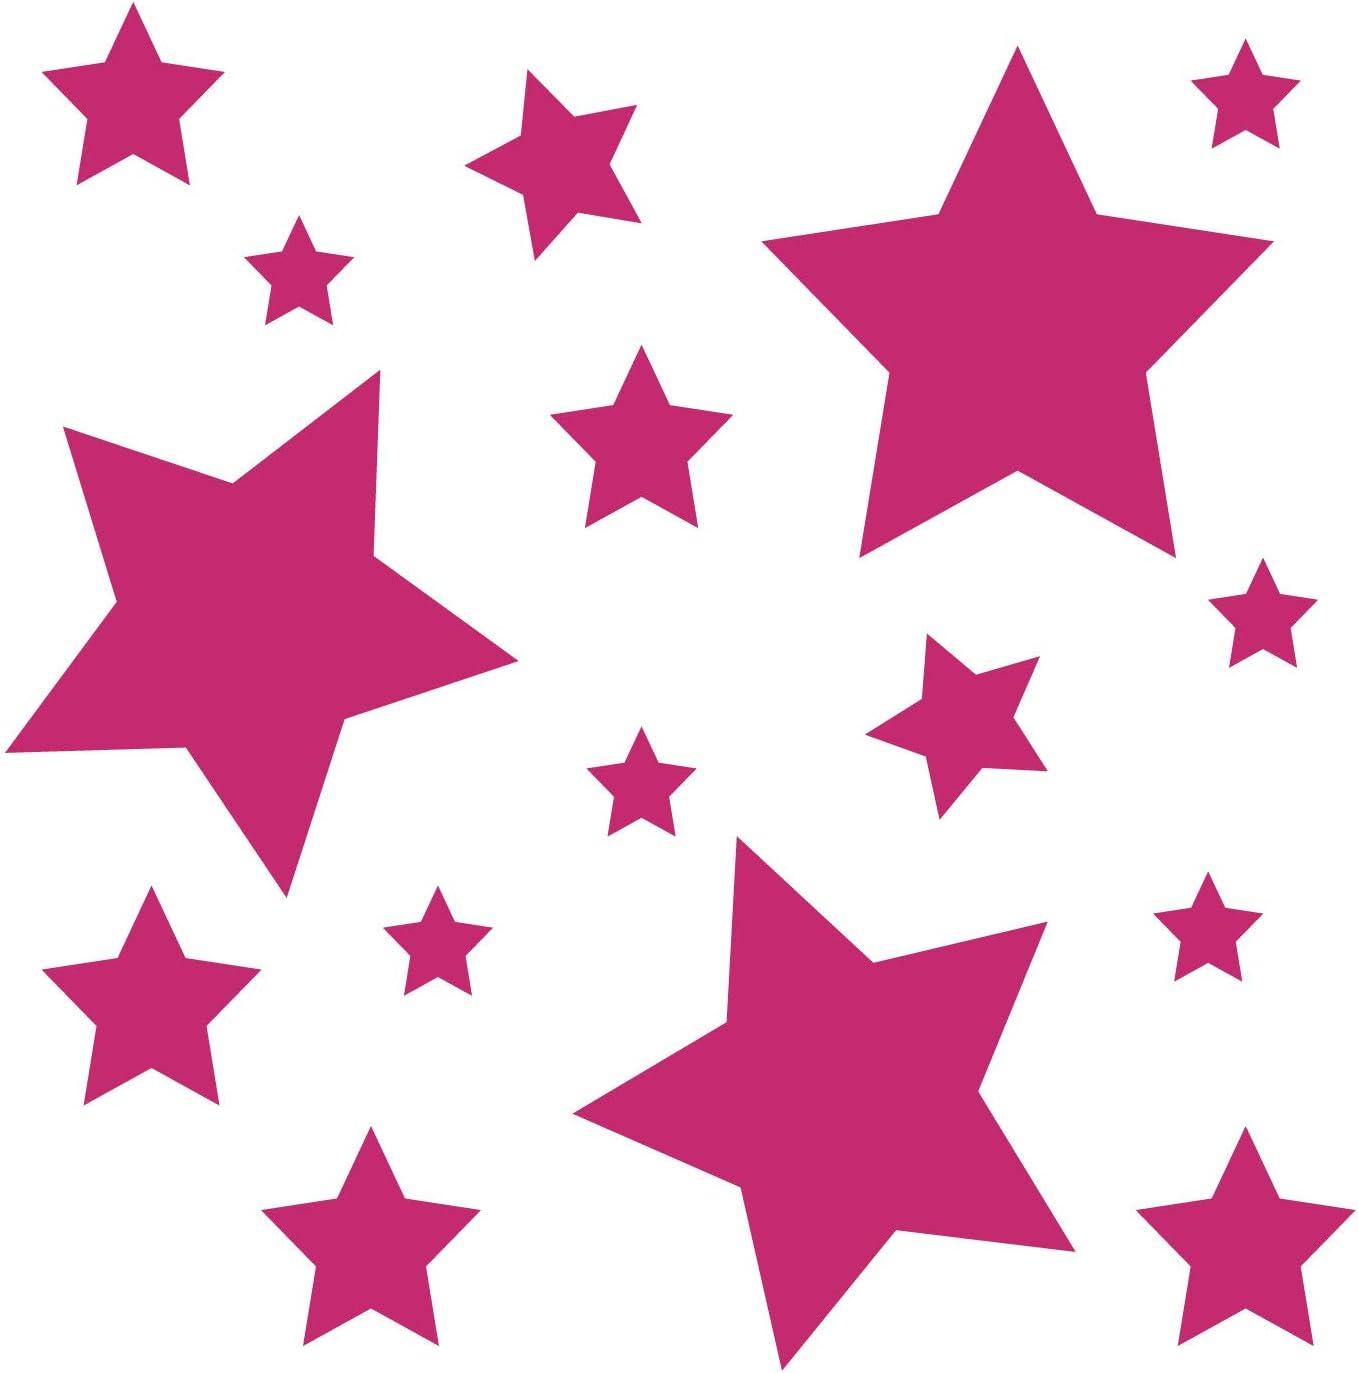 Kleb Drauf 18 Sterne Pink Matt Autoaufkleber Autosticker Decal Aufkleber Sticker Auto Car Motorrad Fahrrad Roller Bike Deko Tuning Stickerbomb Styling Wrapping Auto